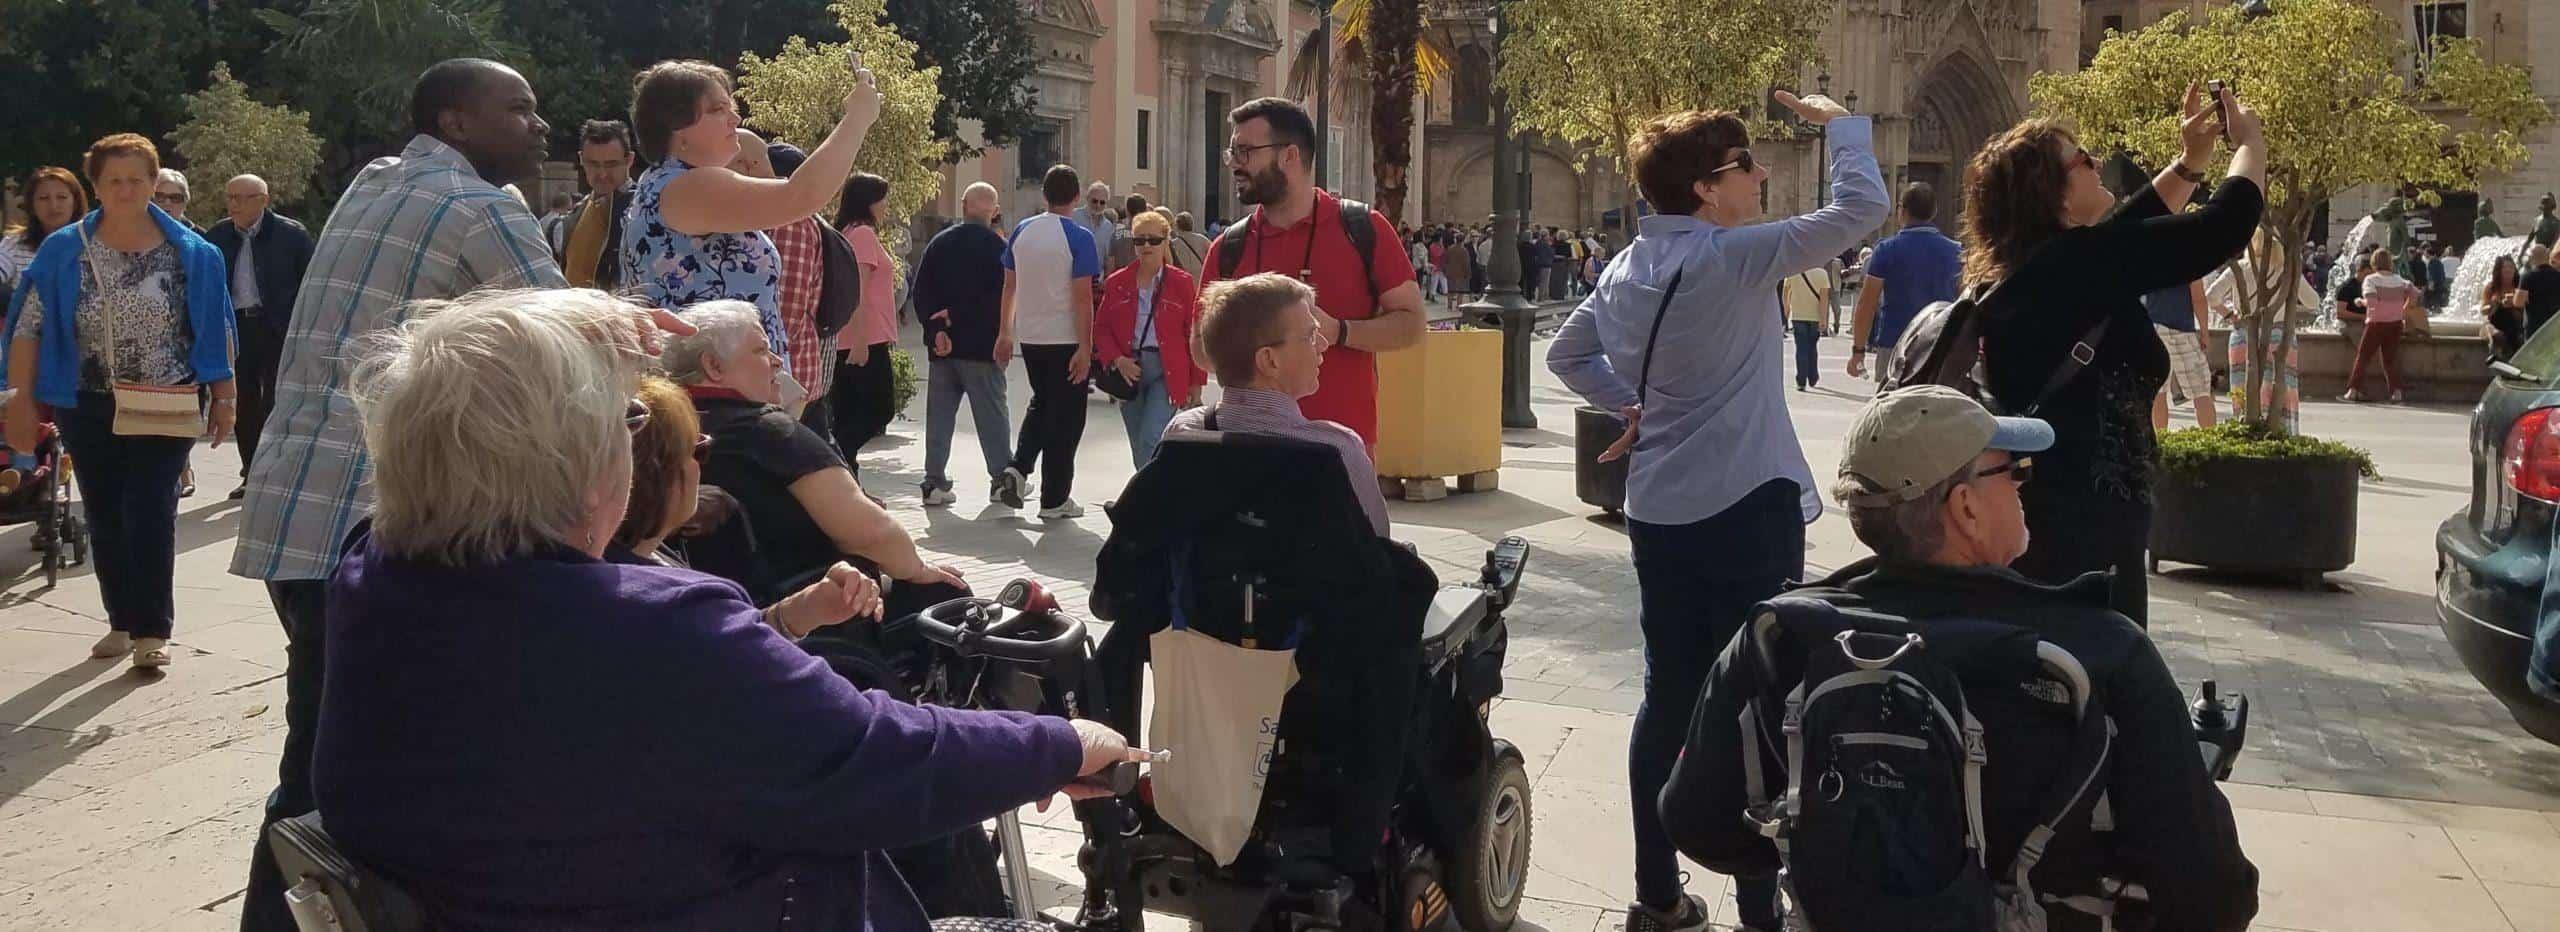 Wheelchair Spain